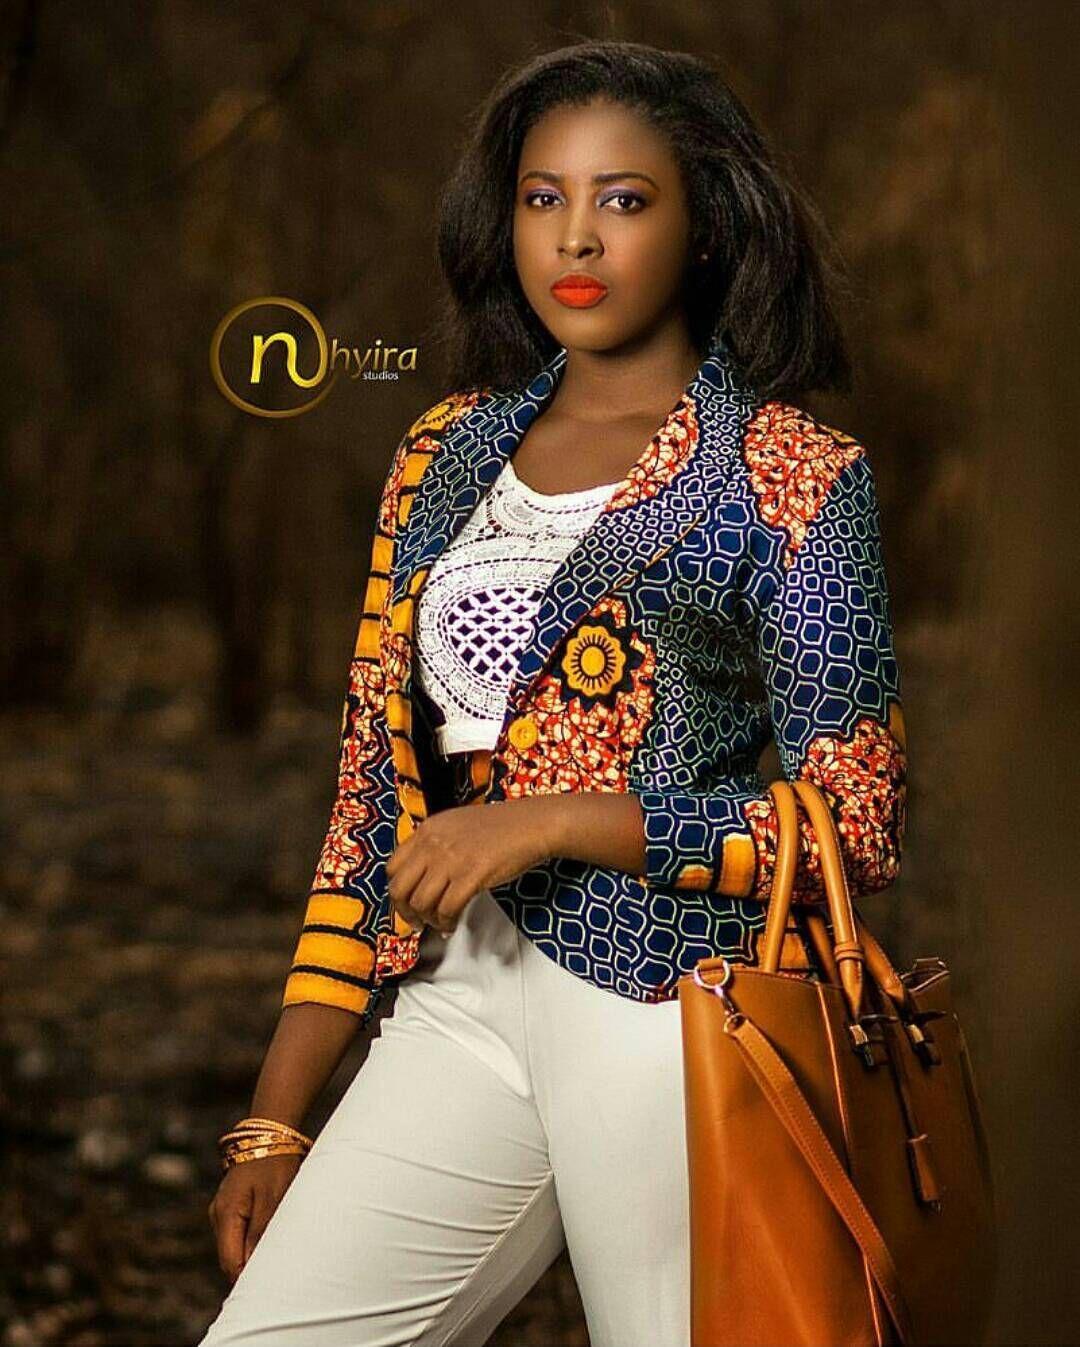 527d875c7e6cad  TGIF Just a perfect blazer for an African Queen Beautiful shot by   nhyira studios Model -  Albby bertha MUA - NhyiraMakeOver  nhyirastudios… »